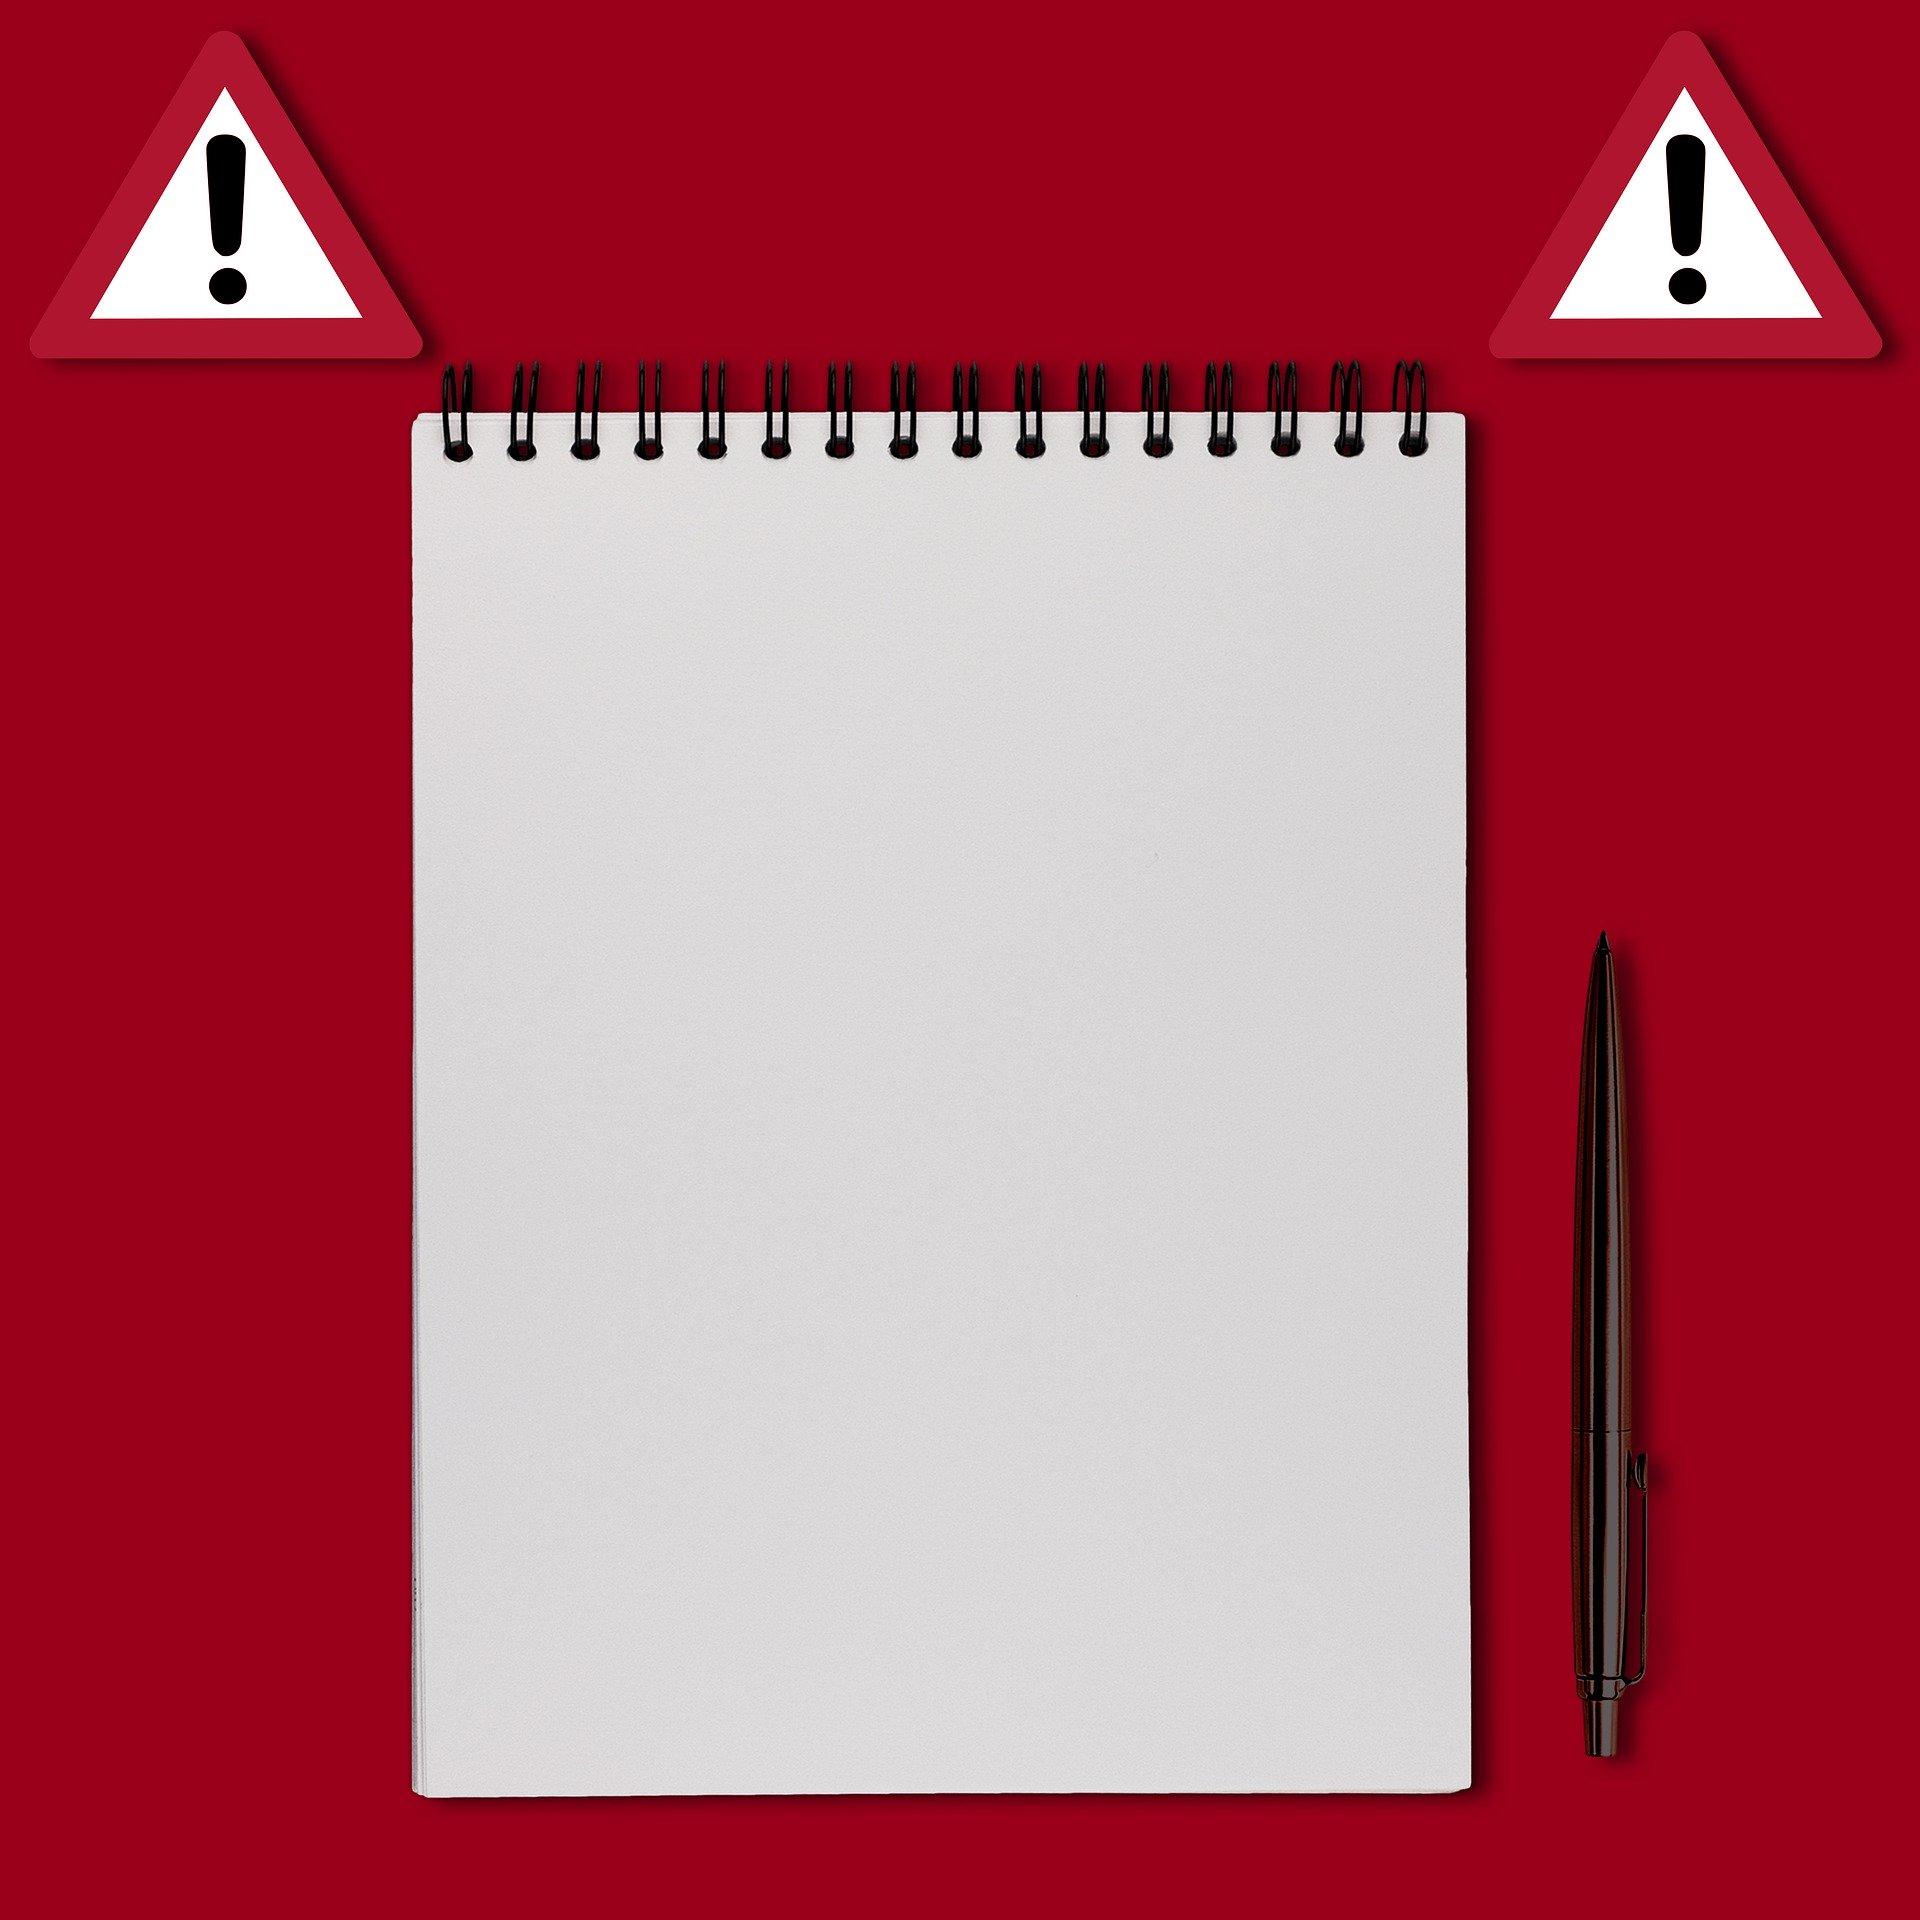 Форми, якими Ви можете безкоштовно скористатися та провести закупівлі необхідні для здійснення заходів згідно затвердженого Постановою № 225 переліку.